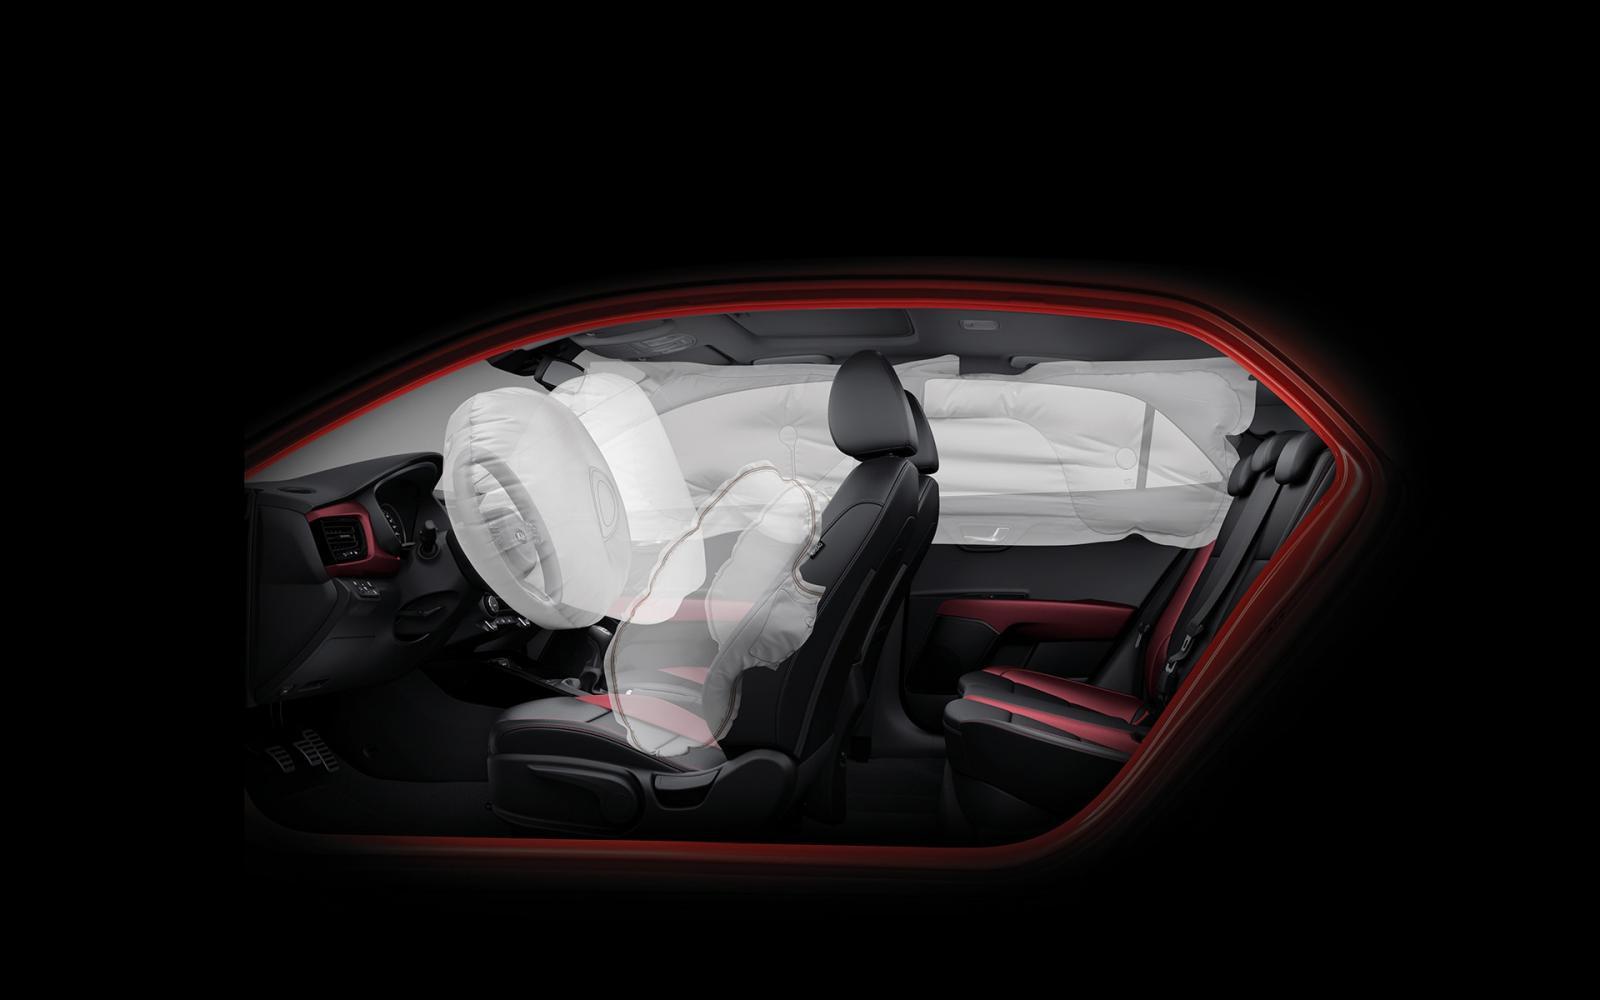 El Kia Rio 2020 precio en México lleva equipamiento de seguridad correcto, pero puede mejorar en tecnologías de asistencia al conductor